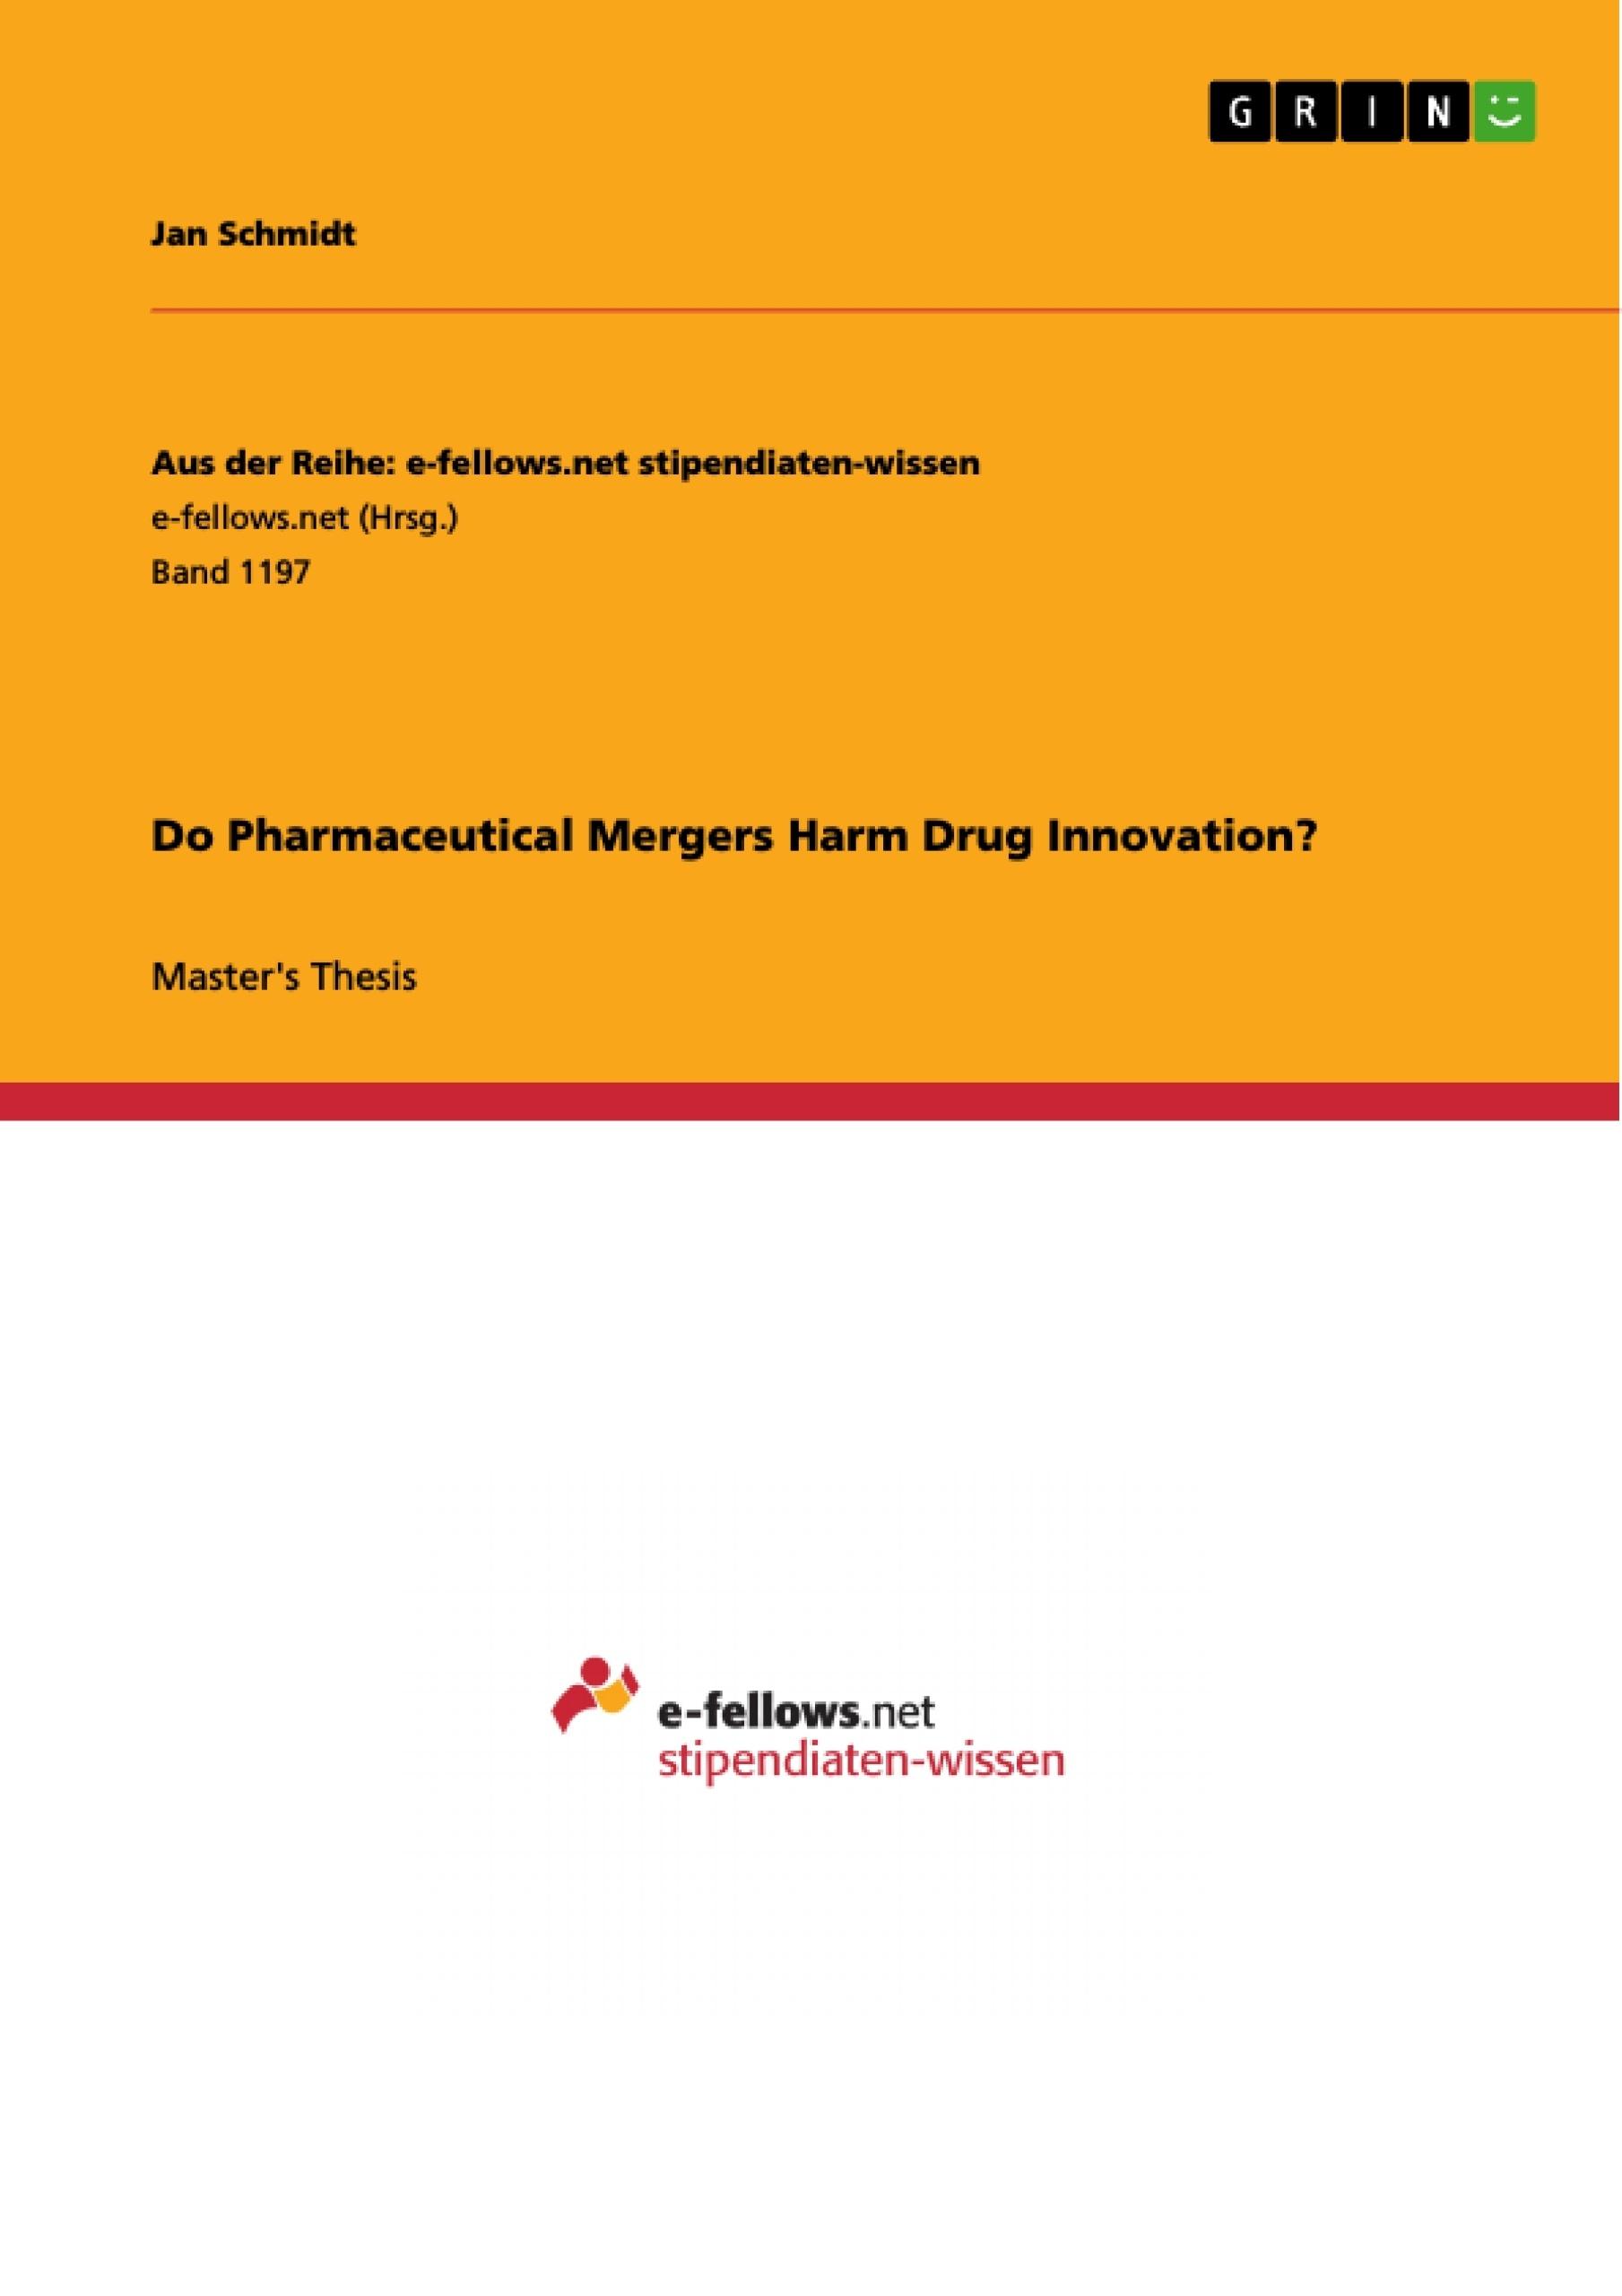 Title: Do Pharmaceutical Mergers Harm Drug Innovation?